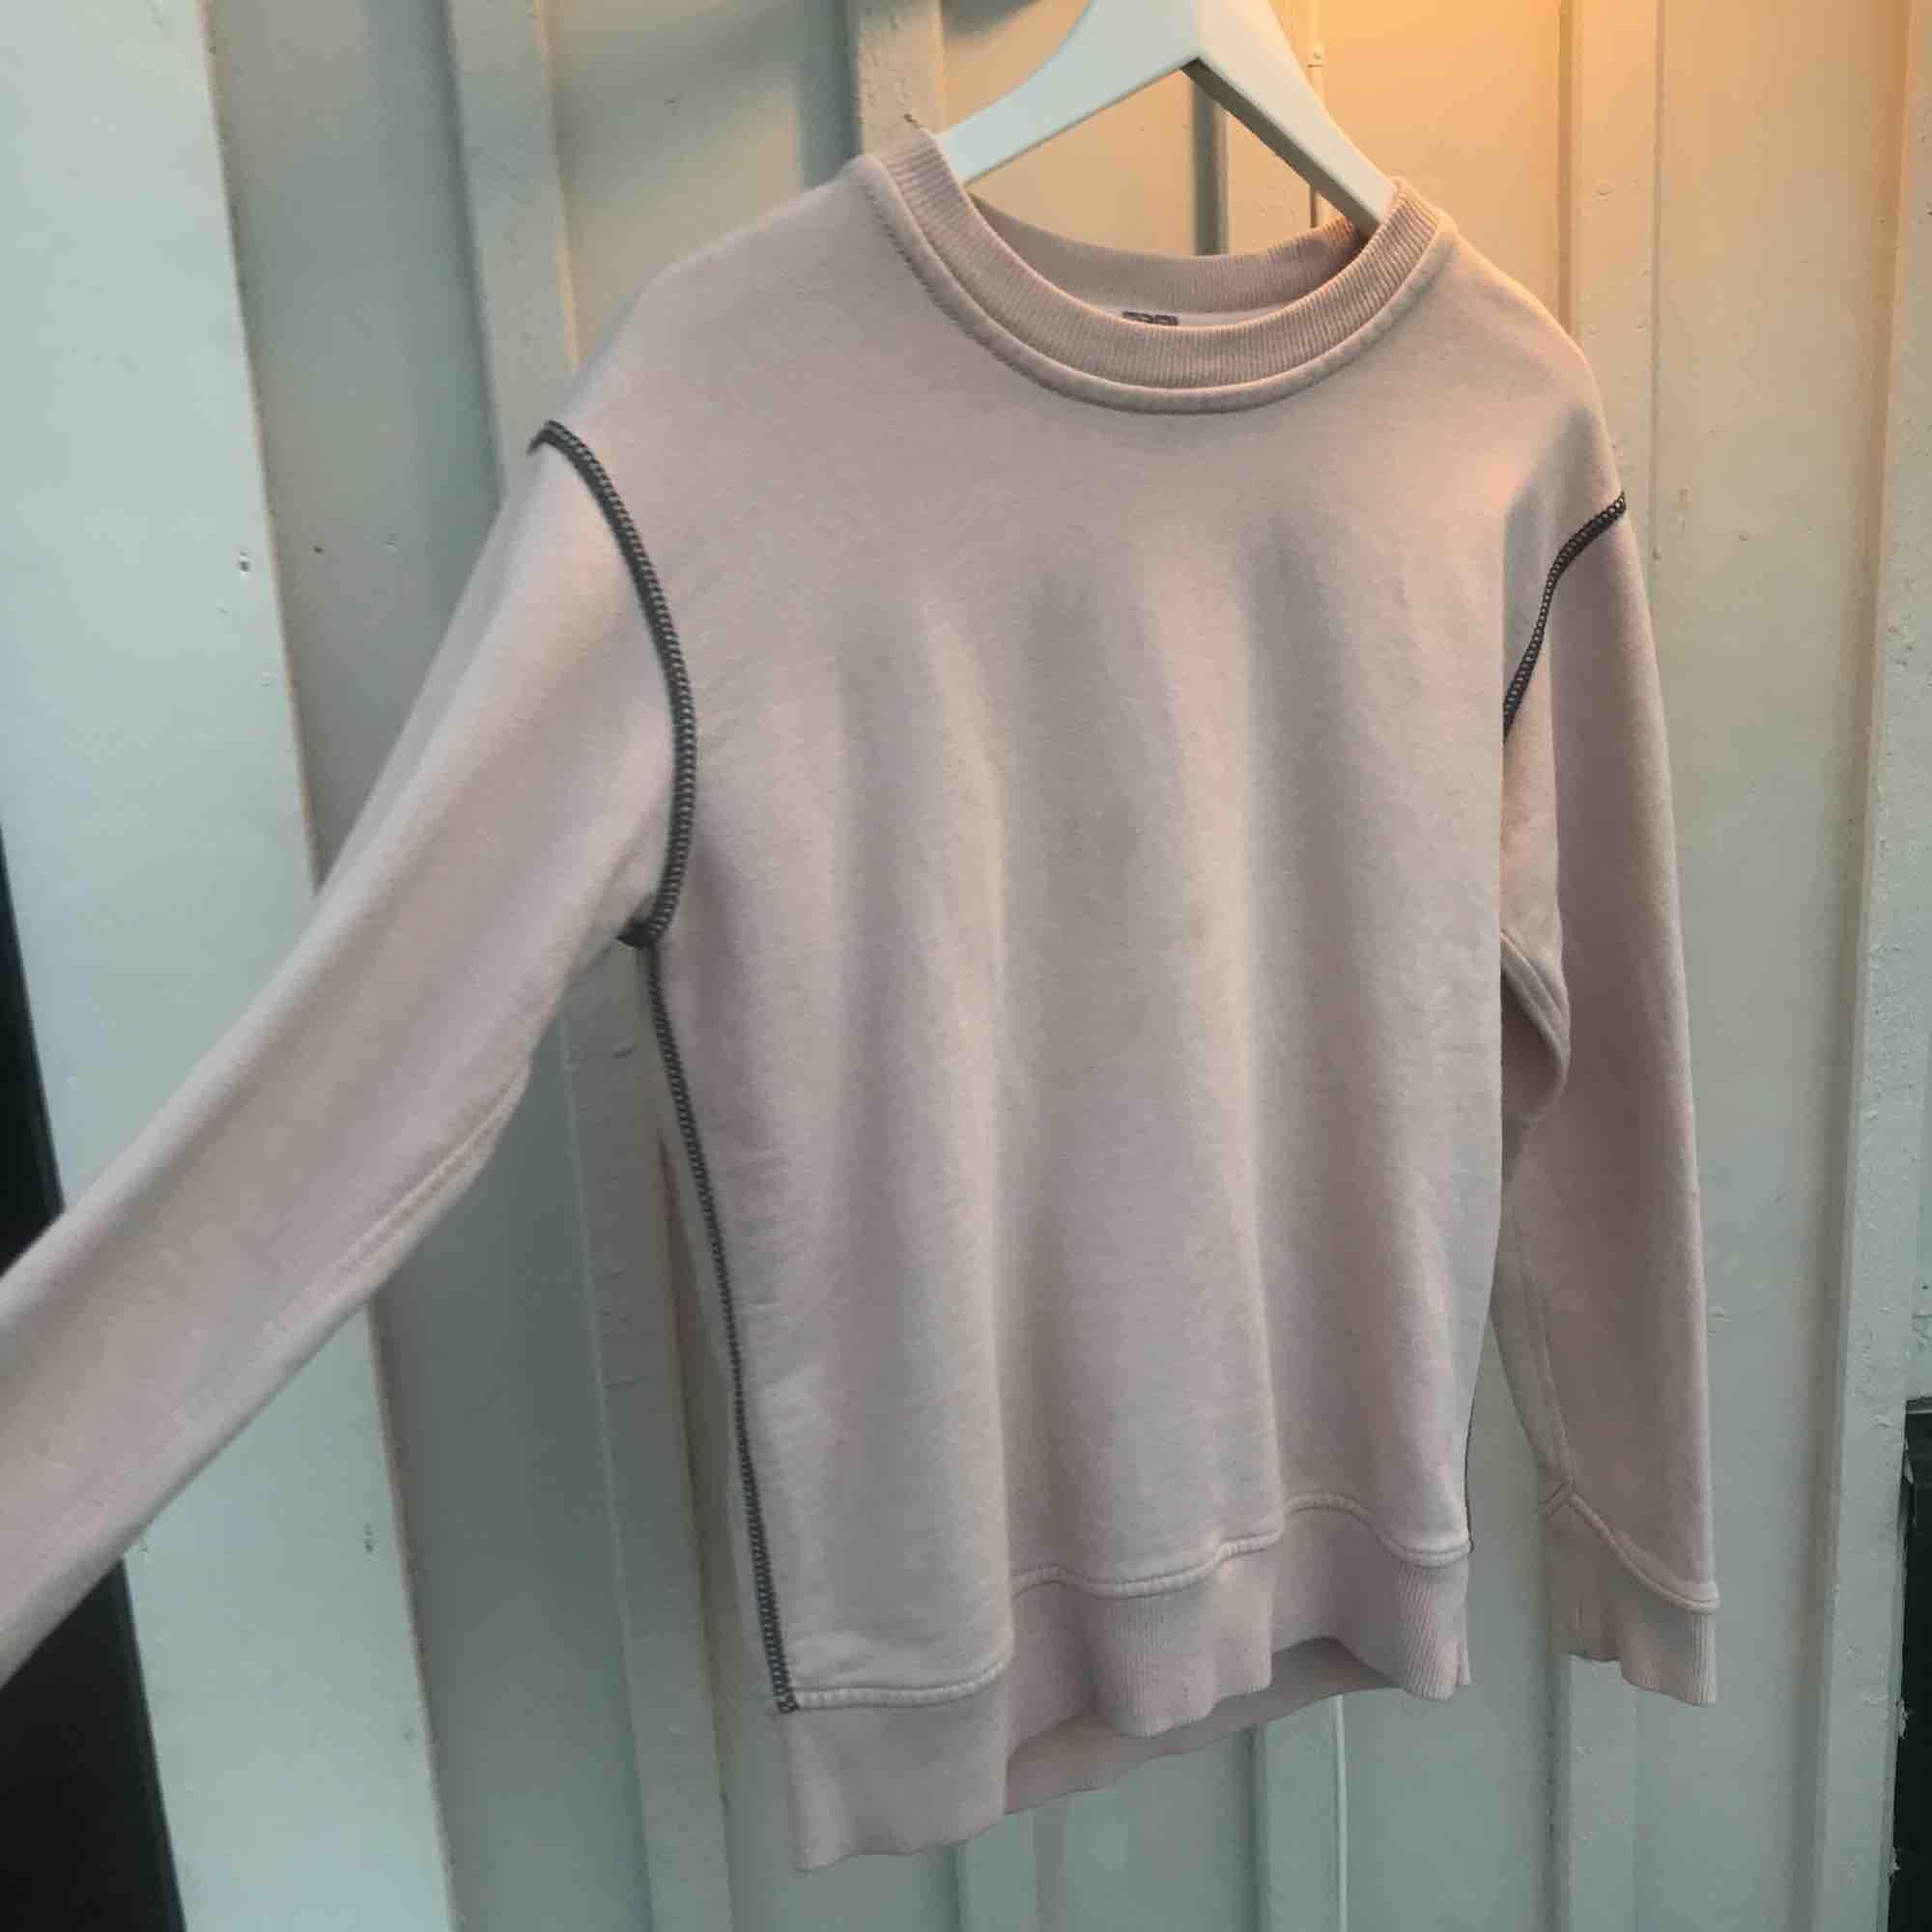 Nypris: 2150kr Ljusrosa college tröja från Marc by Marc Jacobs. Boxning modell Gråa dekorativa sömmar Ficka och dragkedja på baksidan (användbar) . Tröjor & Koftor.